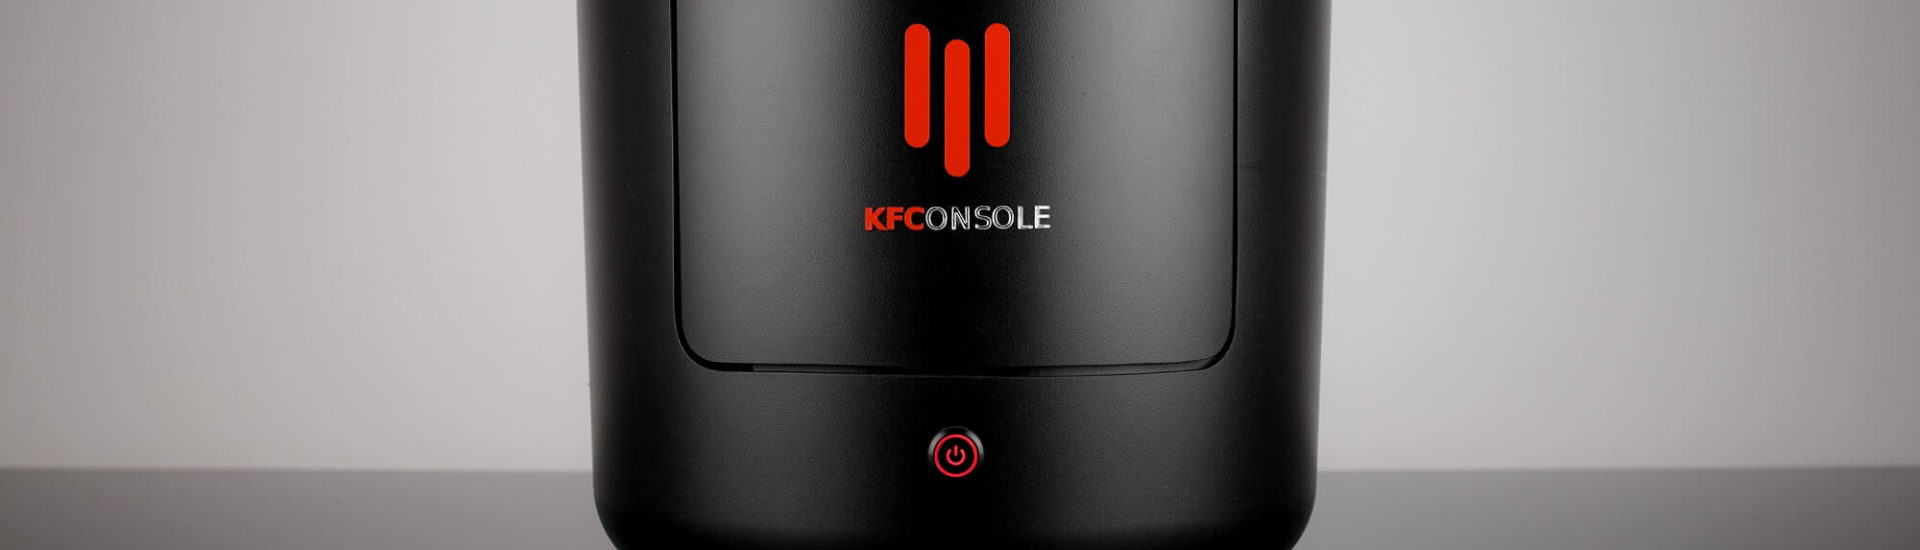 Gaming und Hähnchen: KFC will Konkurrenzkonsole mit Special auf den Markt bringen